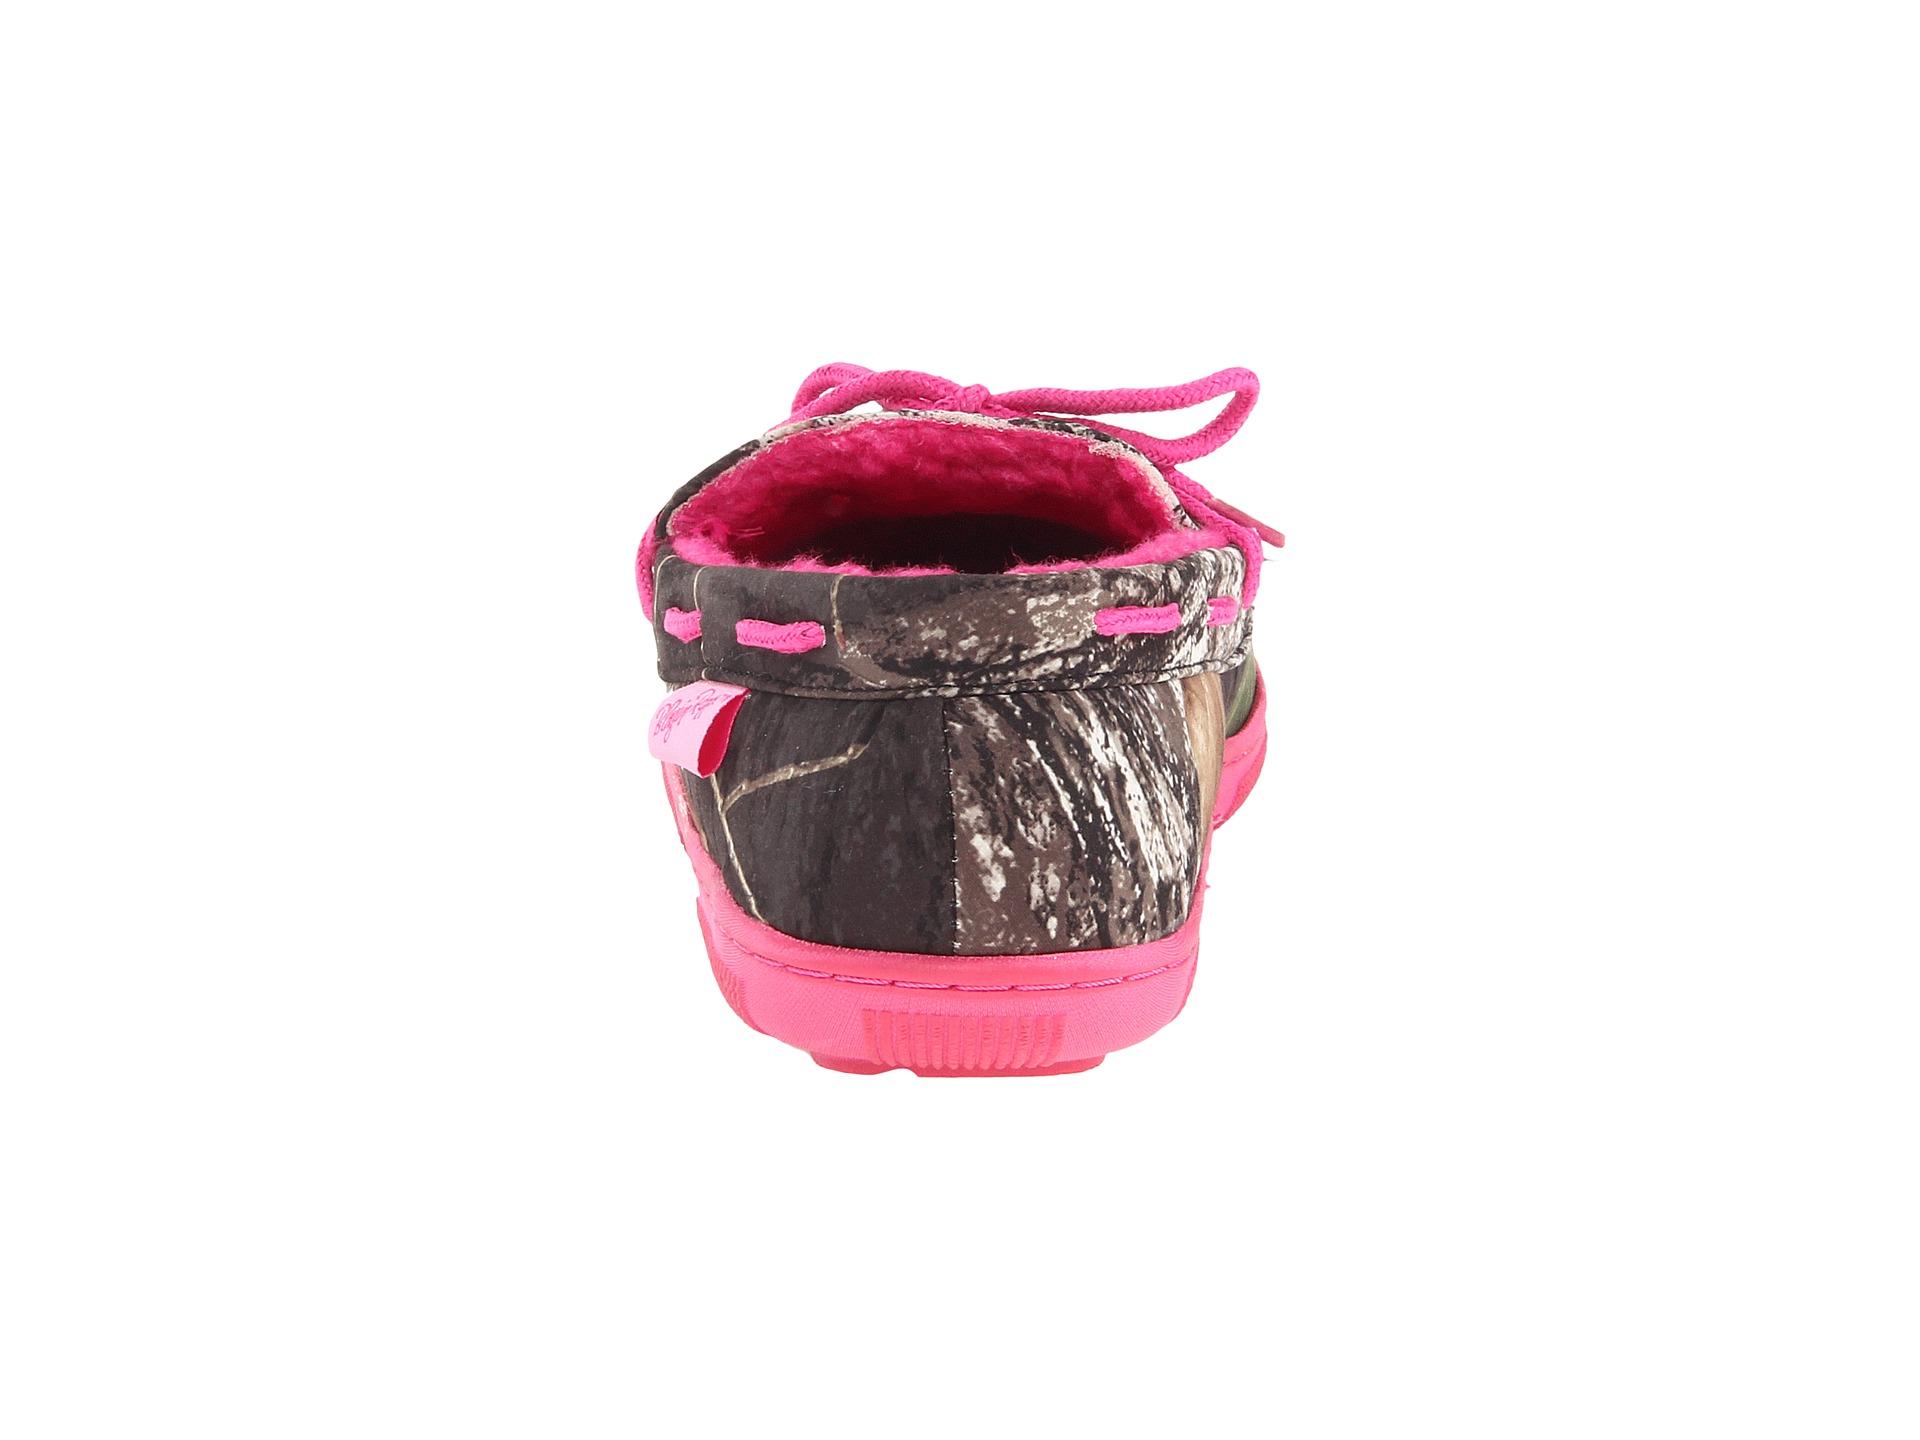 M F Western Mossy Oak Moccasin Slippers Mossy Oak Hot Pink F